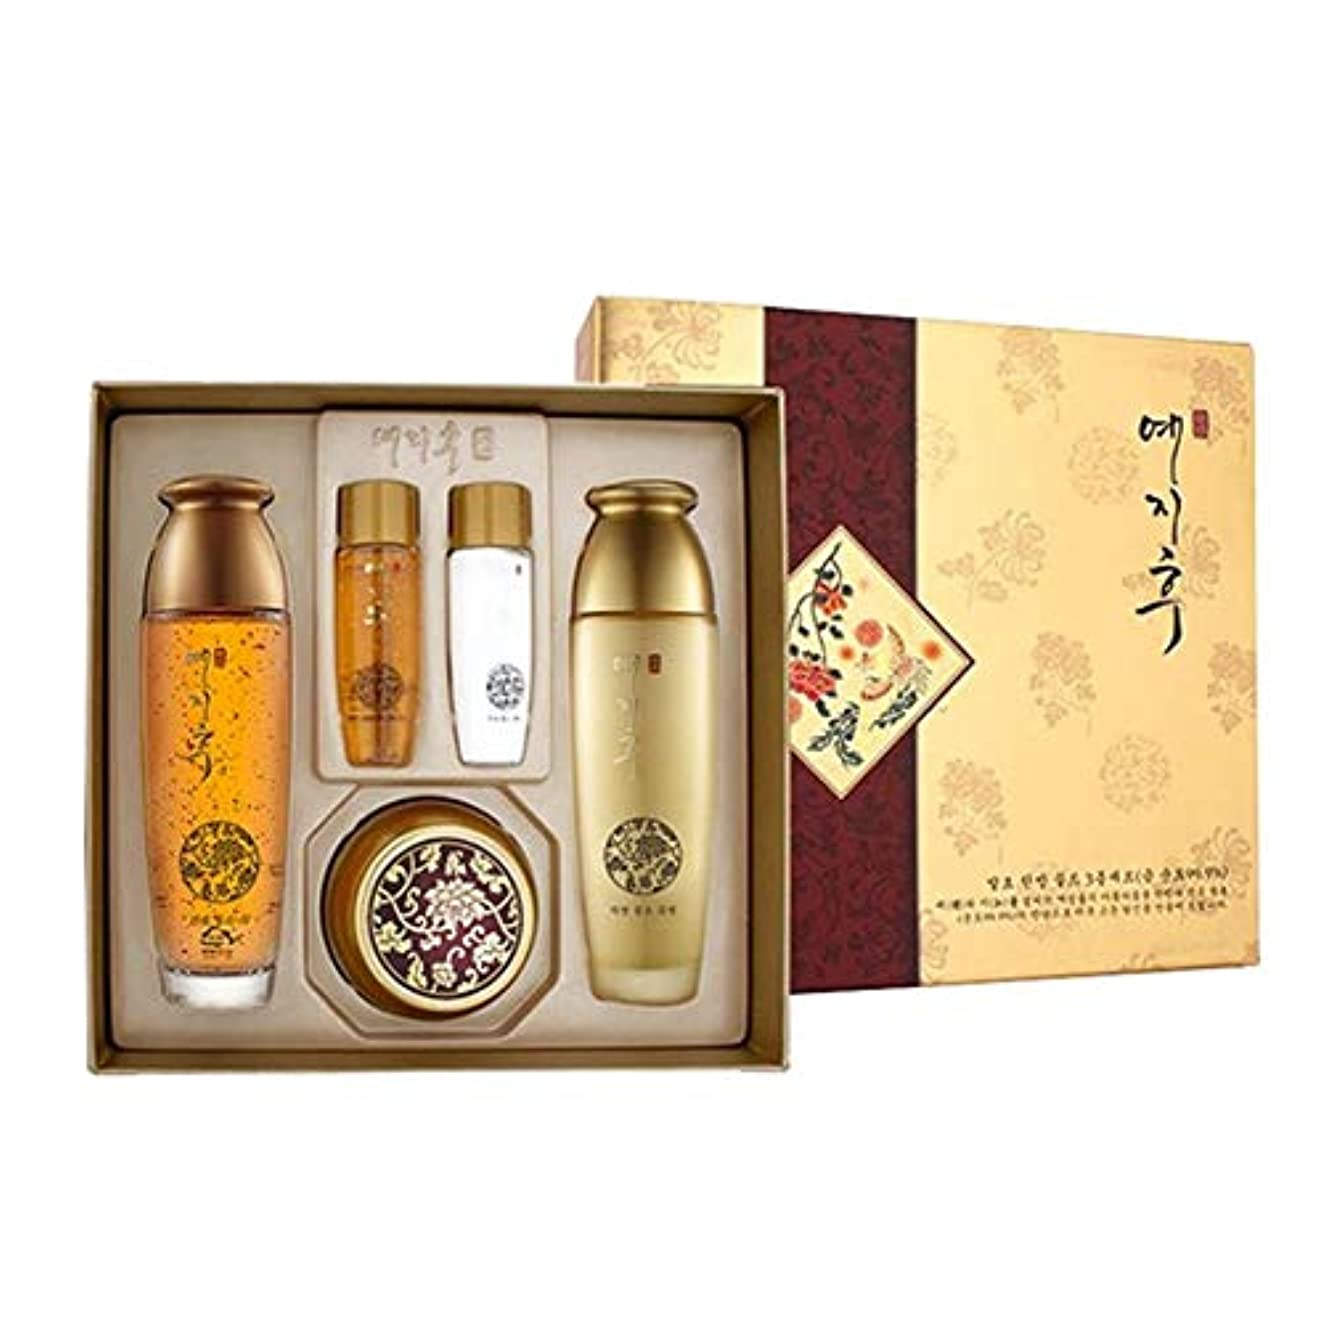 ミトンベギン最初イェジフ漢方ゴールド3種セットゴールド水180ml(150+30) ゴールド乳液180ml(150+30) ゴールド栄養クリーム50ml、Yezihu 3 Sets of Herbal Gold Cosmetics [並行輸入品]